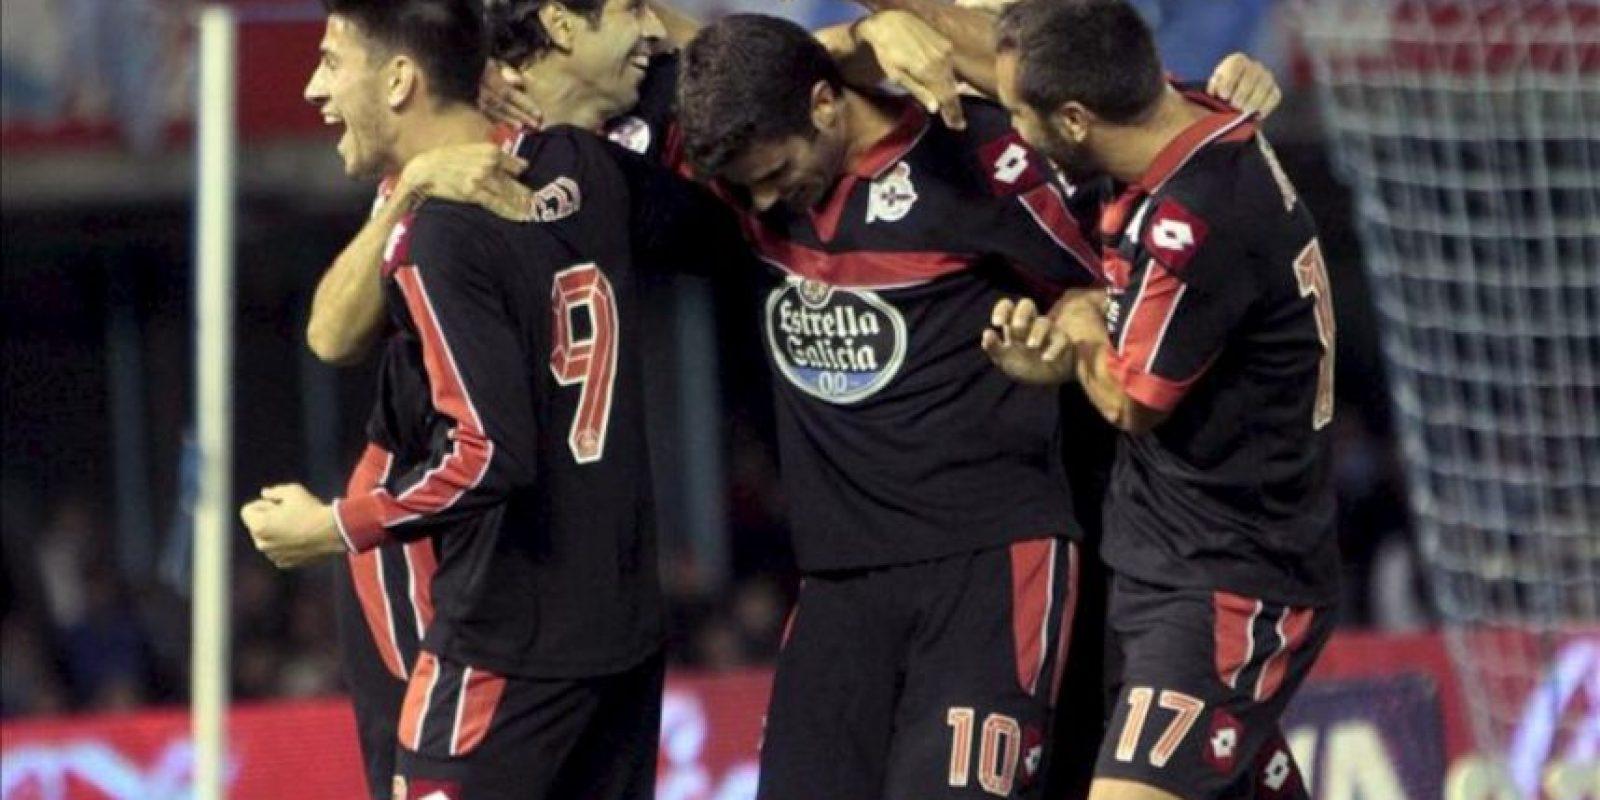 Los jugadores del Deportivo celebran el primer gol de su equipo, materializado por el centrocampista Juan Domínguez (c), durante el partido frente al Celta correspondiente a la novena jornada de la Liga de Primera División disputado en el estadio de Balaídos en Vigo. EFE